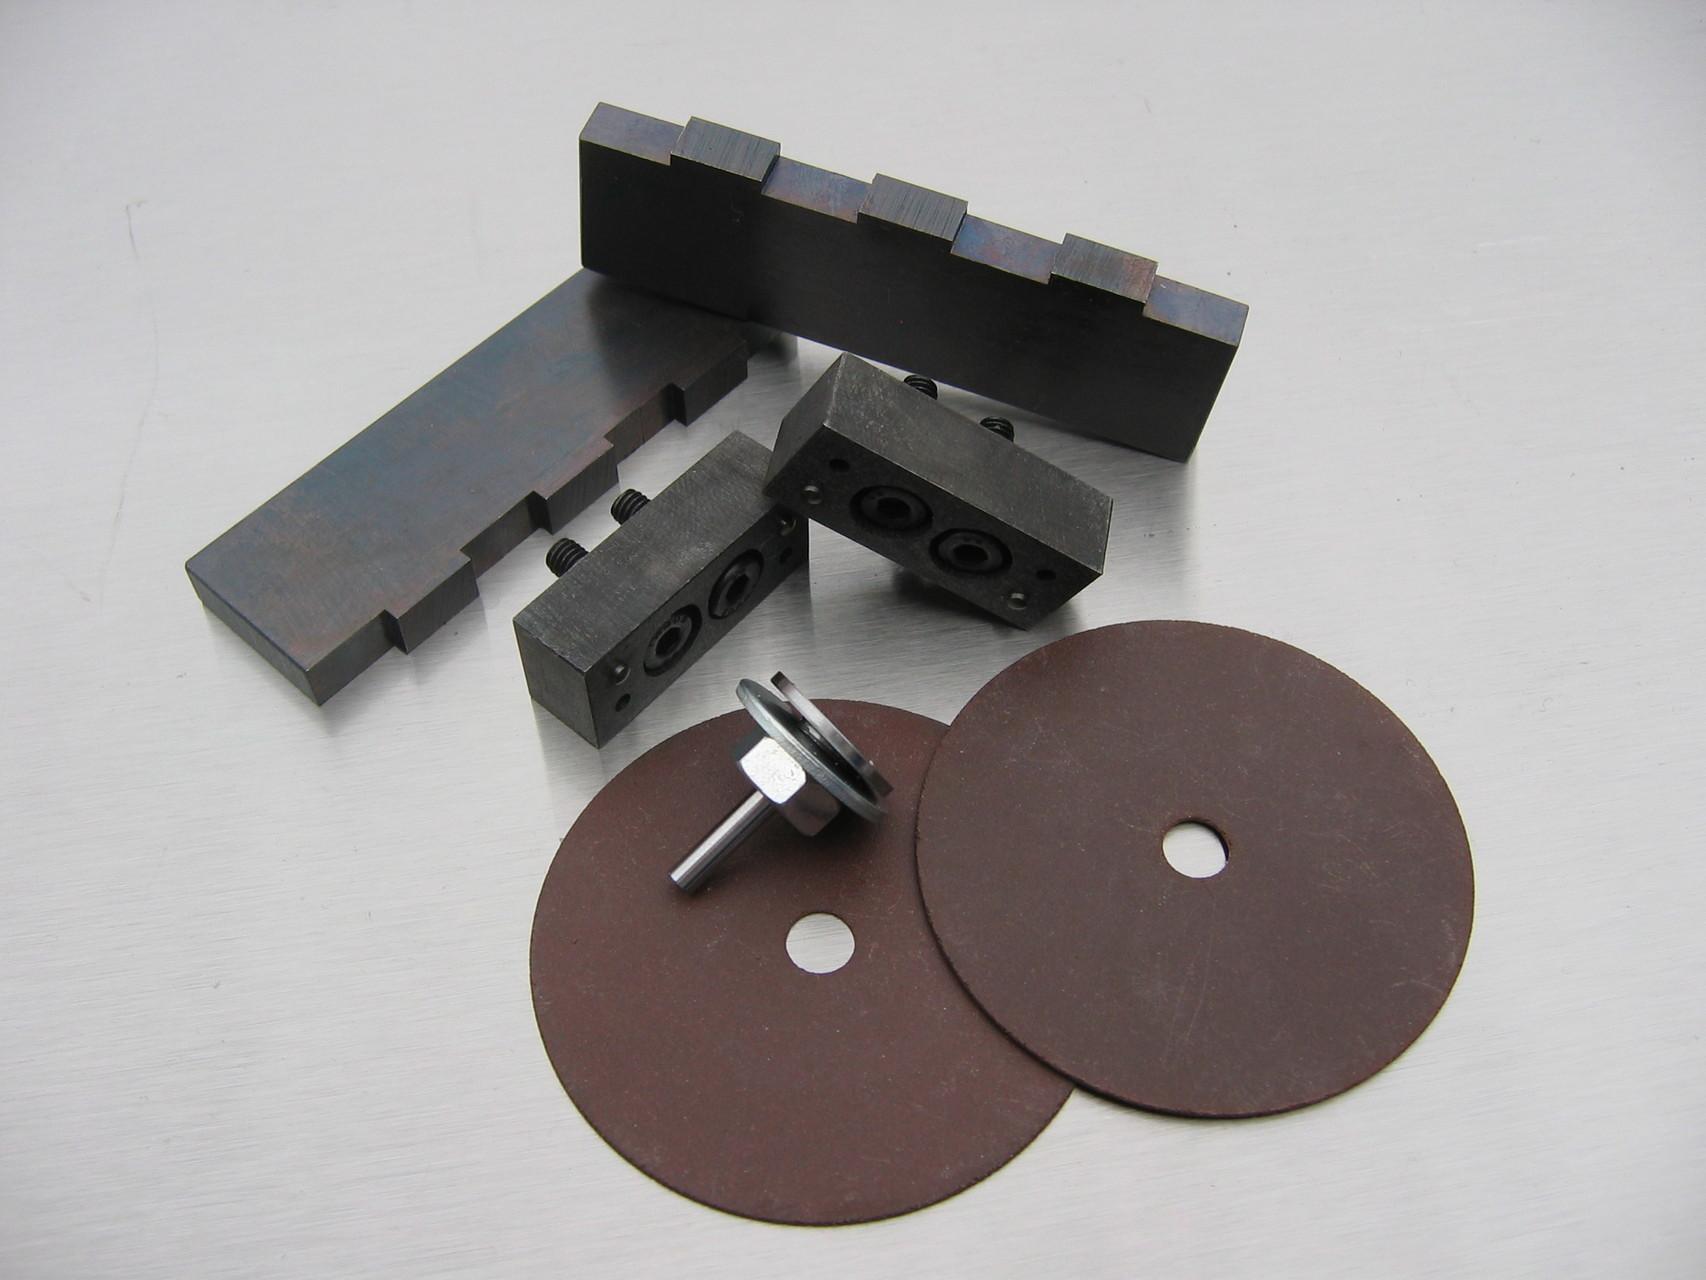 Gegenhalter, Sickenprägewerkzeug, Haltepunkt-Schleifscheiben mit Aufnahme